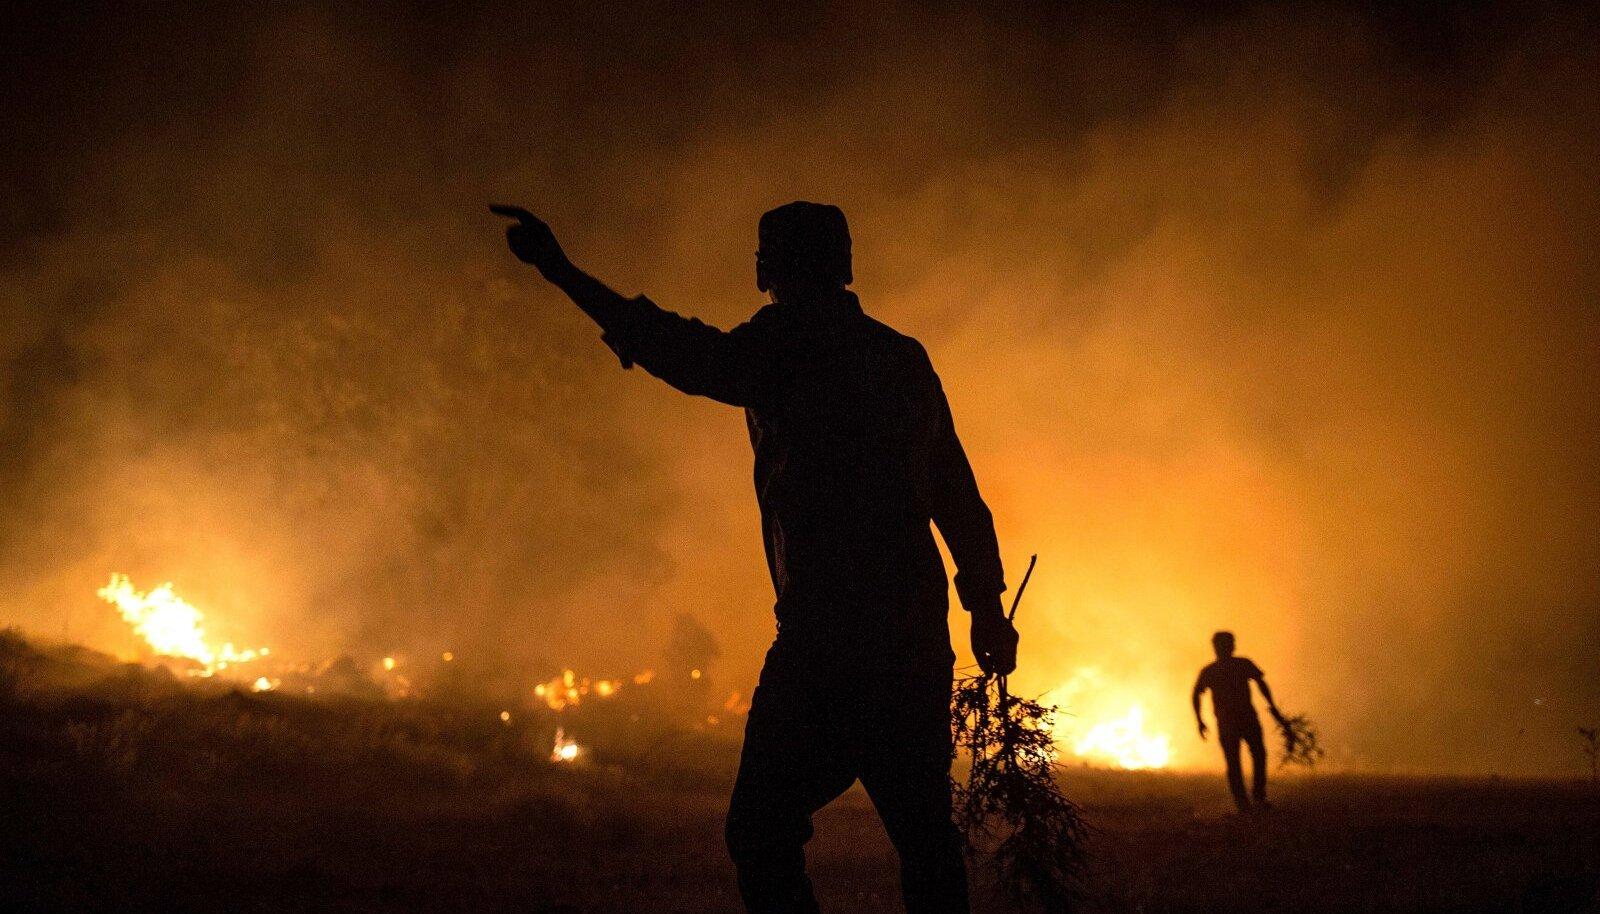 Kliima soojenemisega kaasneb rohkem tulekahjusid. Siberis on tuli sel suvel haaranud vähemalt 2 miljonit hektarit metsa.